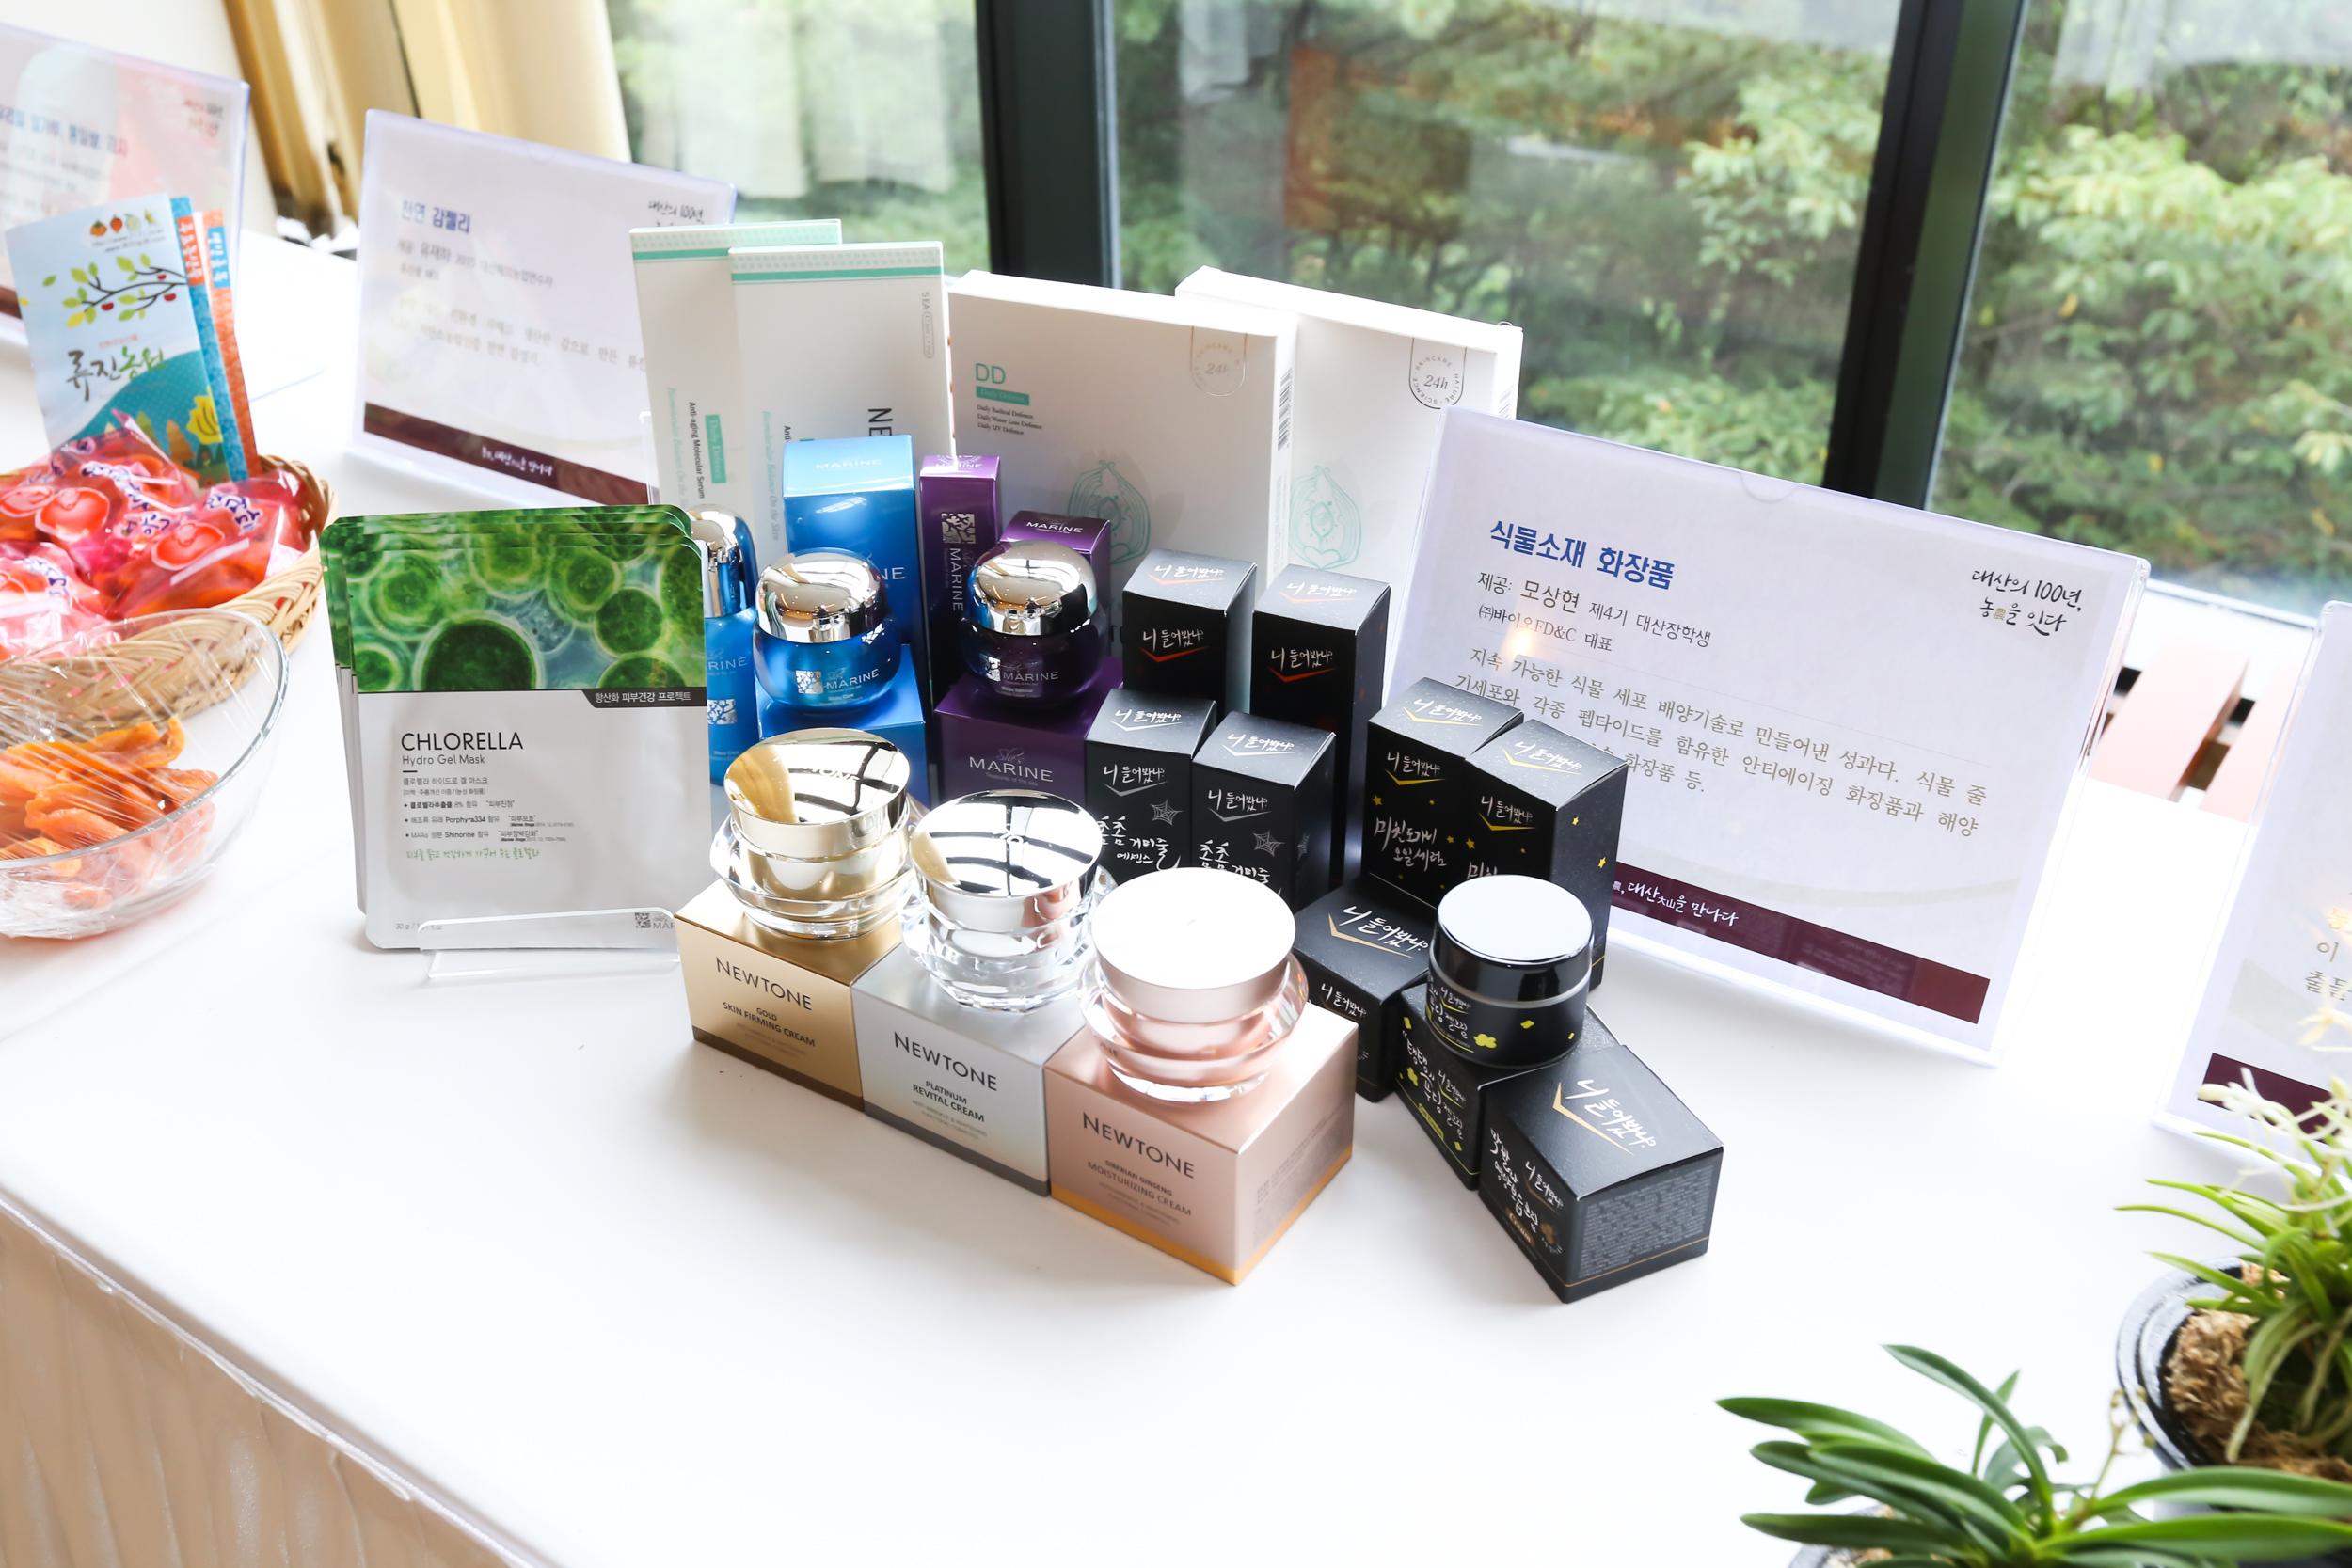 대산장학생 모상현 바이오FD&C 대표의 식물 세포 배양기술로 만들어낸 식물소재 안티에이징 화장품.